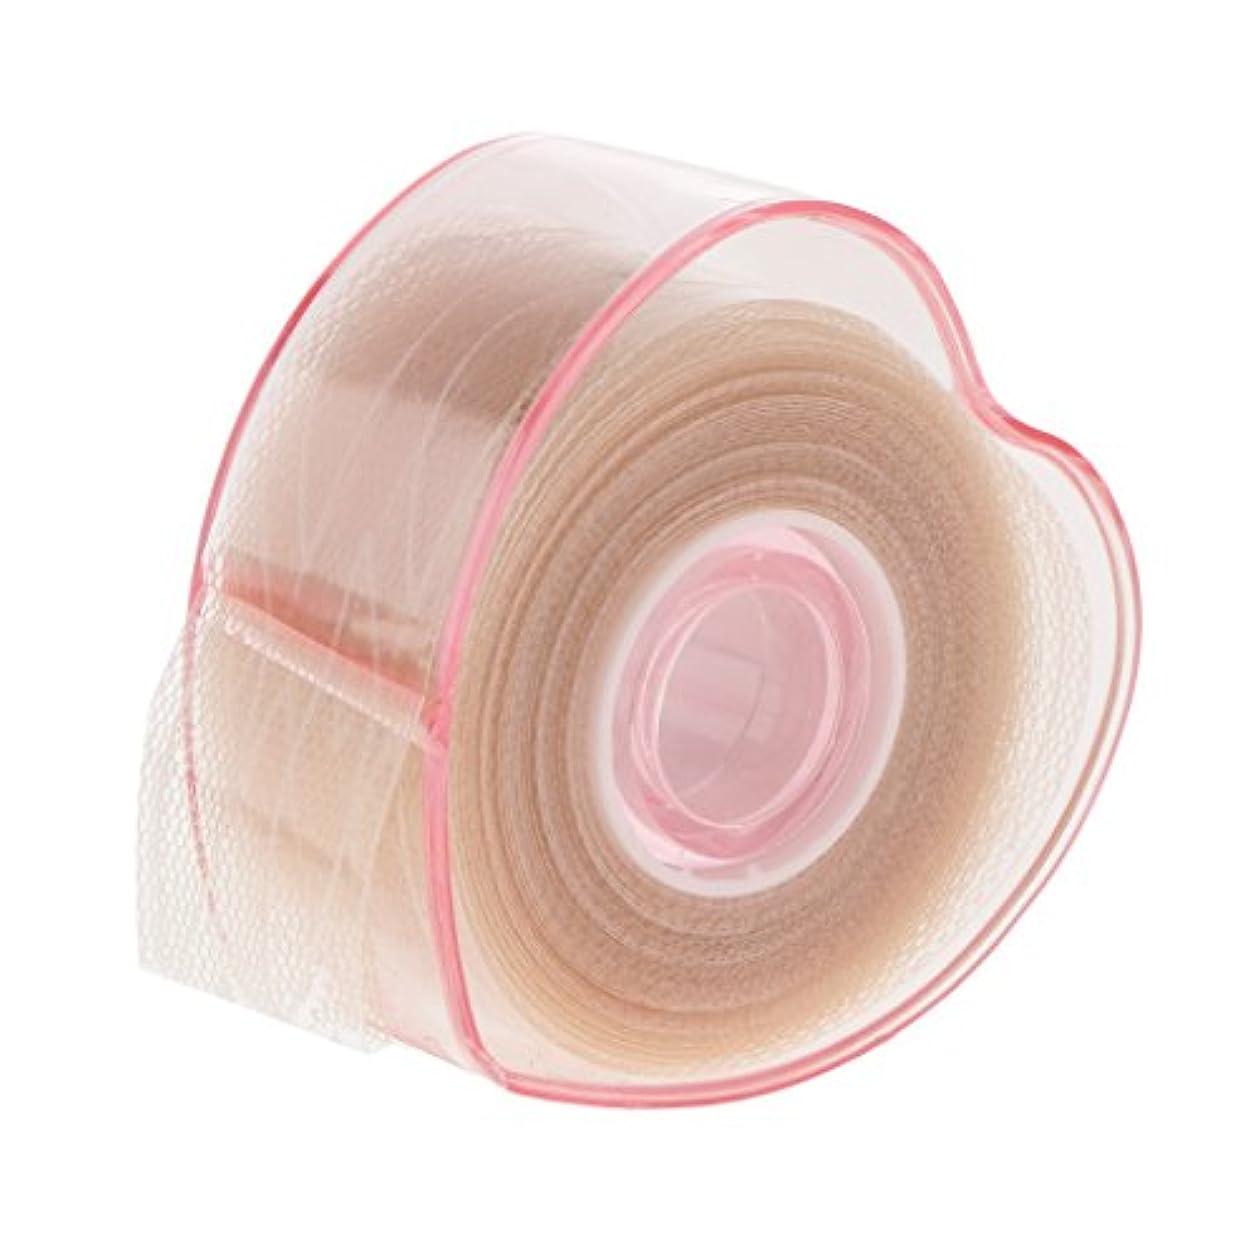 マットマット政治家の二重まぶたロール 二重まぶた テープロール 繊維 レース メッシュ 粘着性なし メイクアップ アイメイク 自然 4タイプ選べる - 図示のように, 説明したように